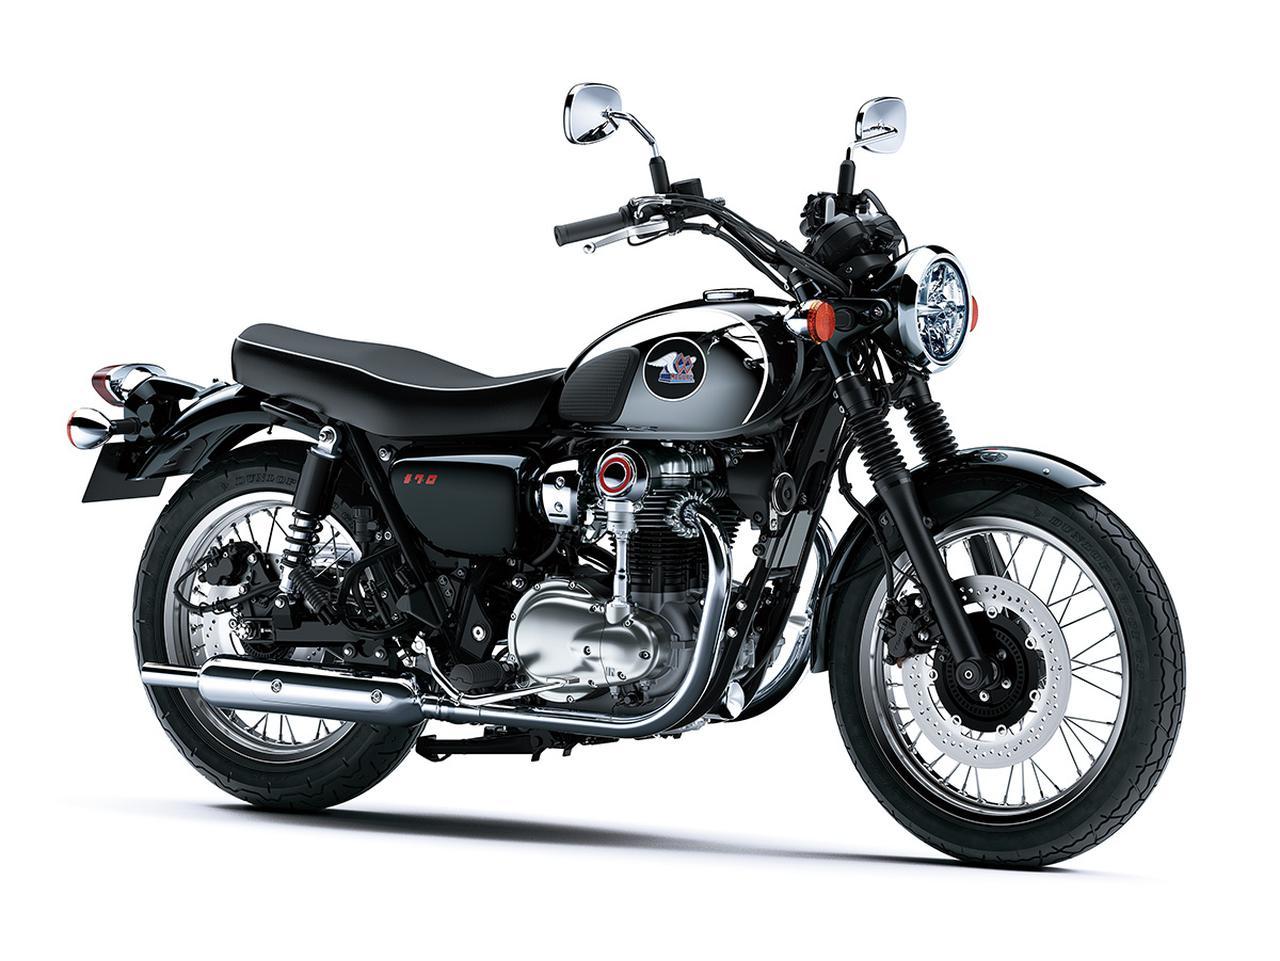 カワサキ「メグロK3」【1分で読める 2021年に新車で購入可能なバイク紹介】